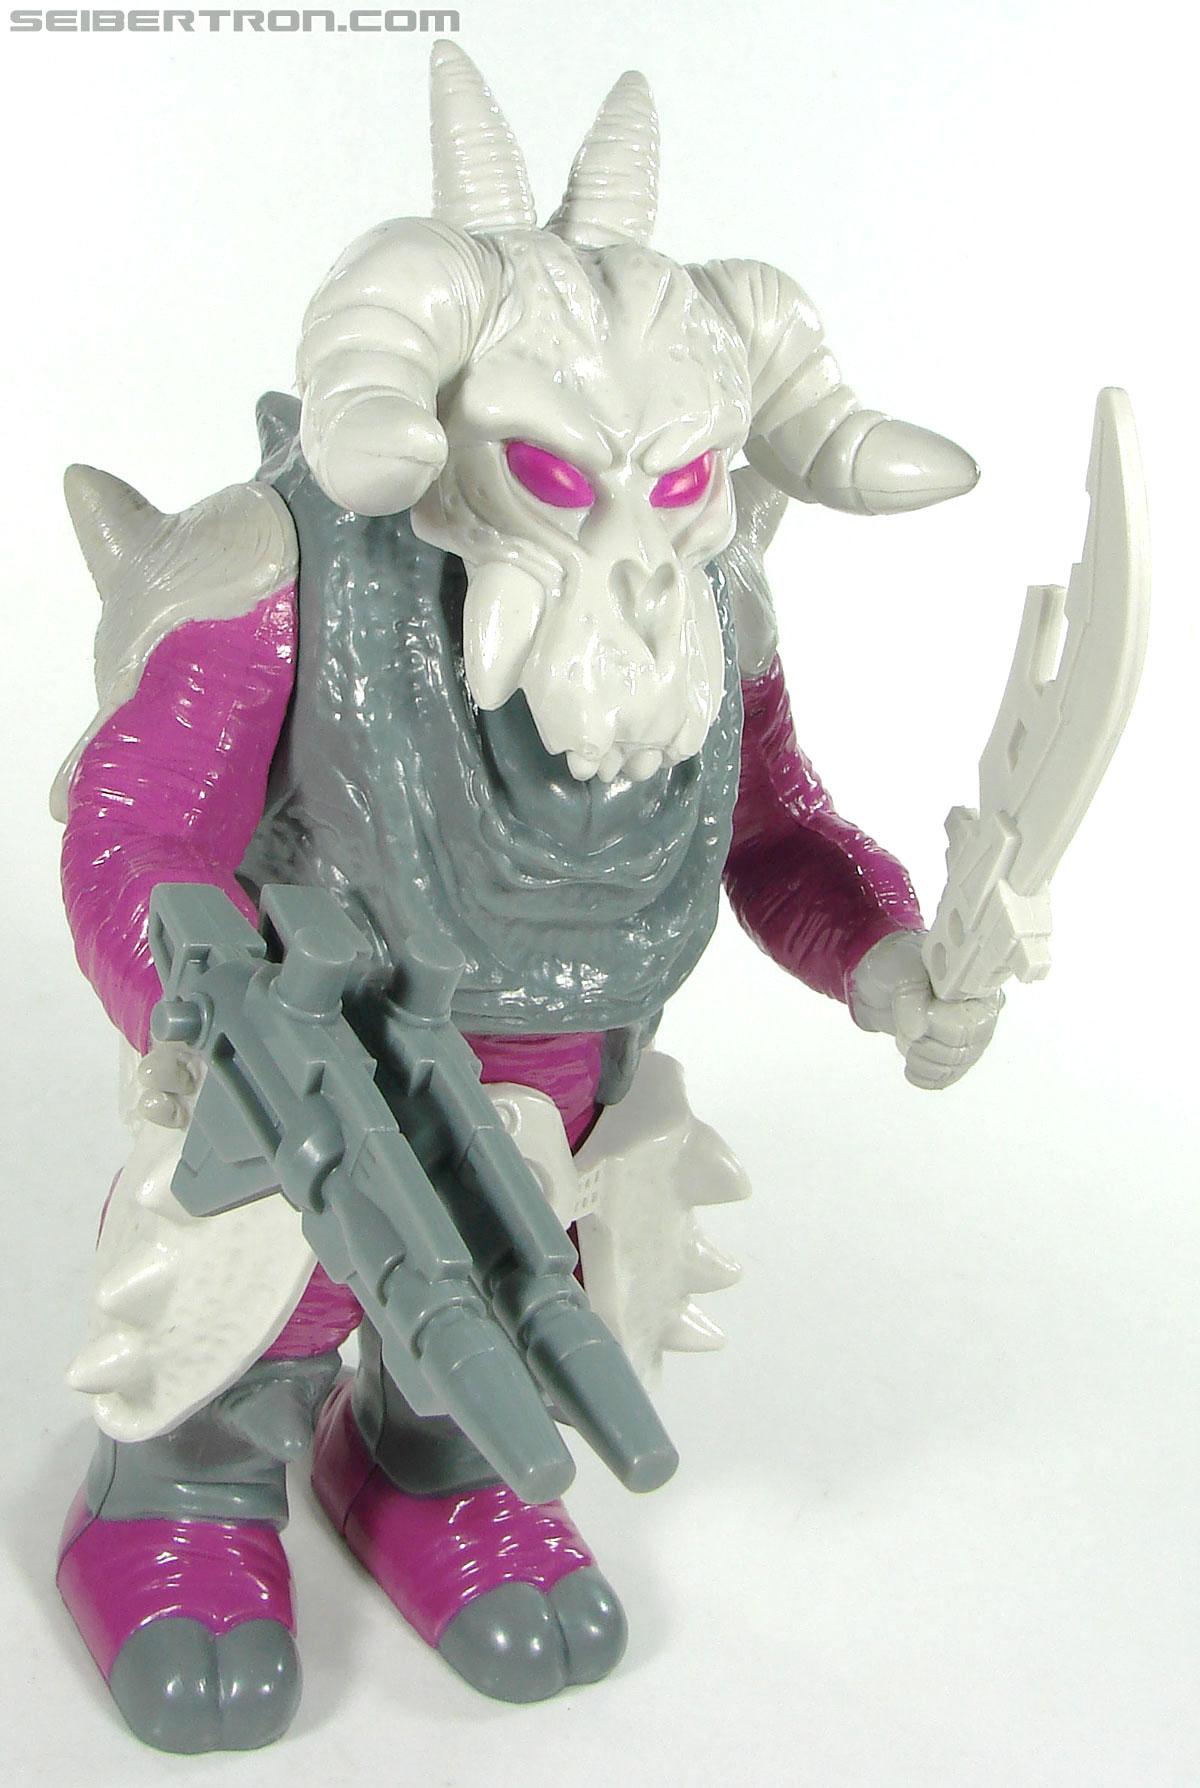 Transformers Super God Masterforce Skullgrin (Dauros) (Image #76 of 196)